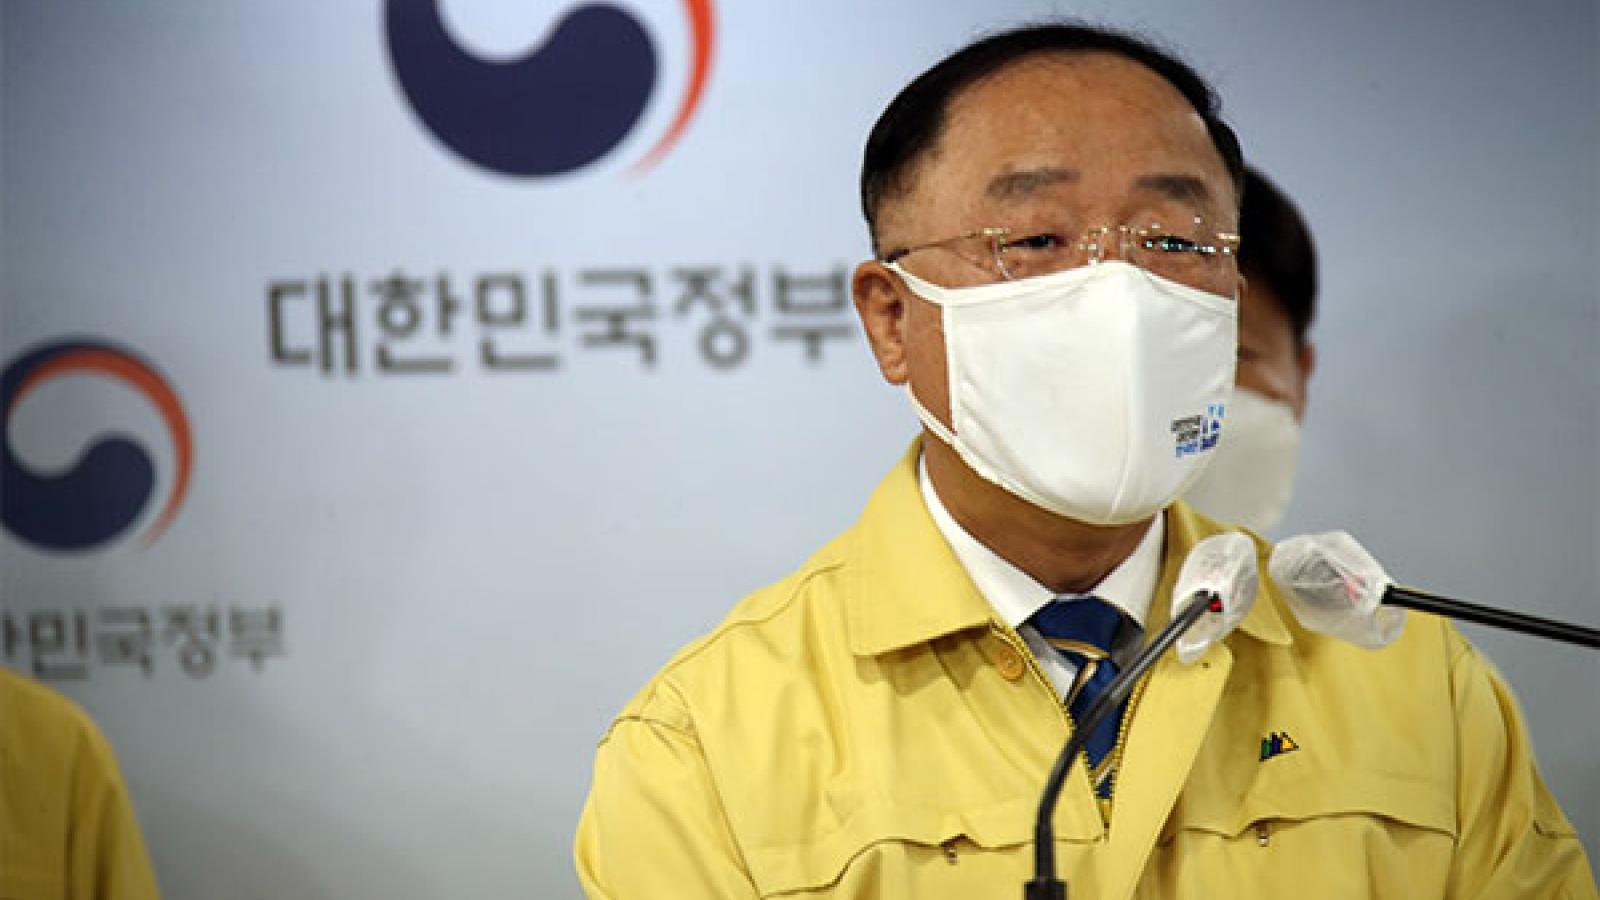 Hàn Quốc đủ vaccine Covid-19 cho 99 triệu người